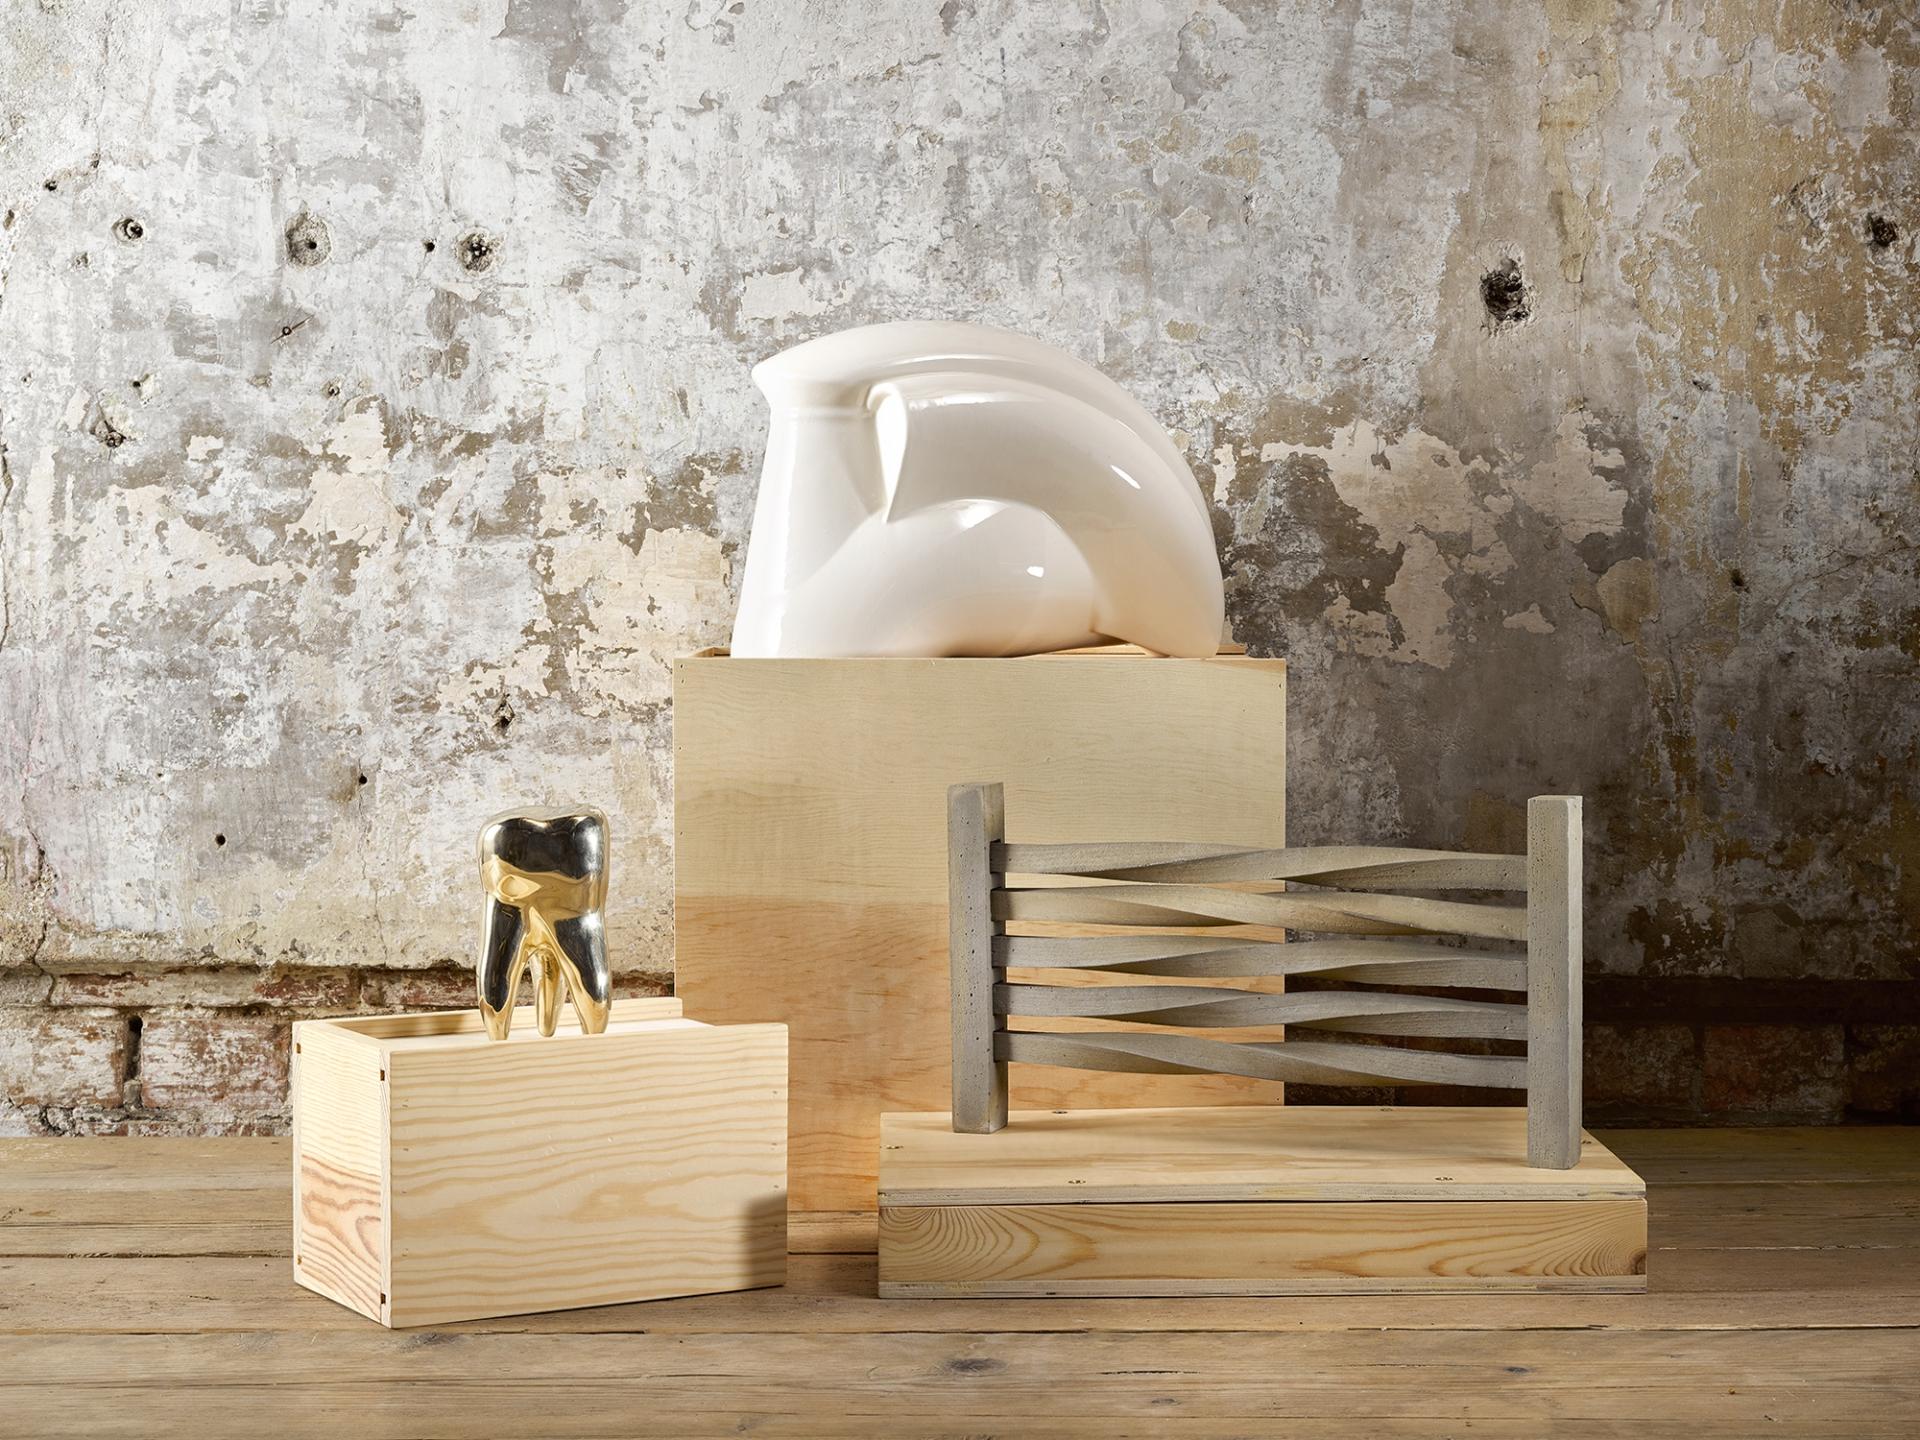 Patrick Fry Studio Plinth